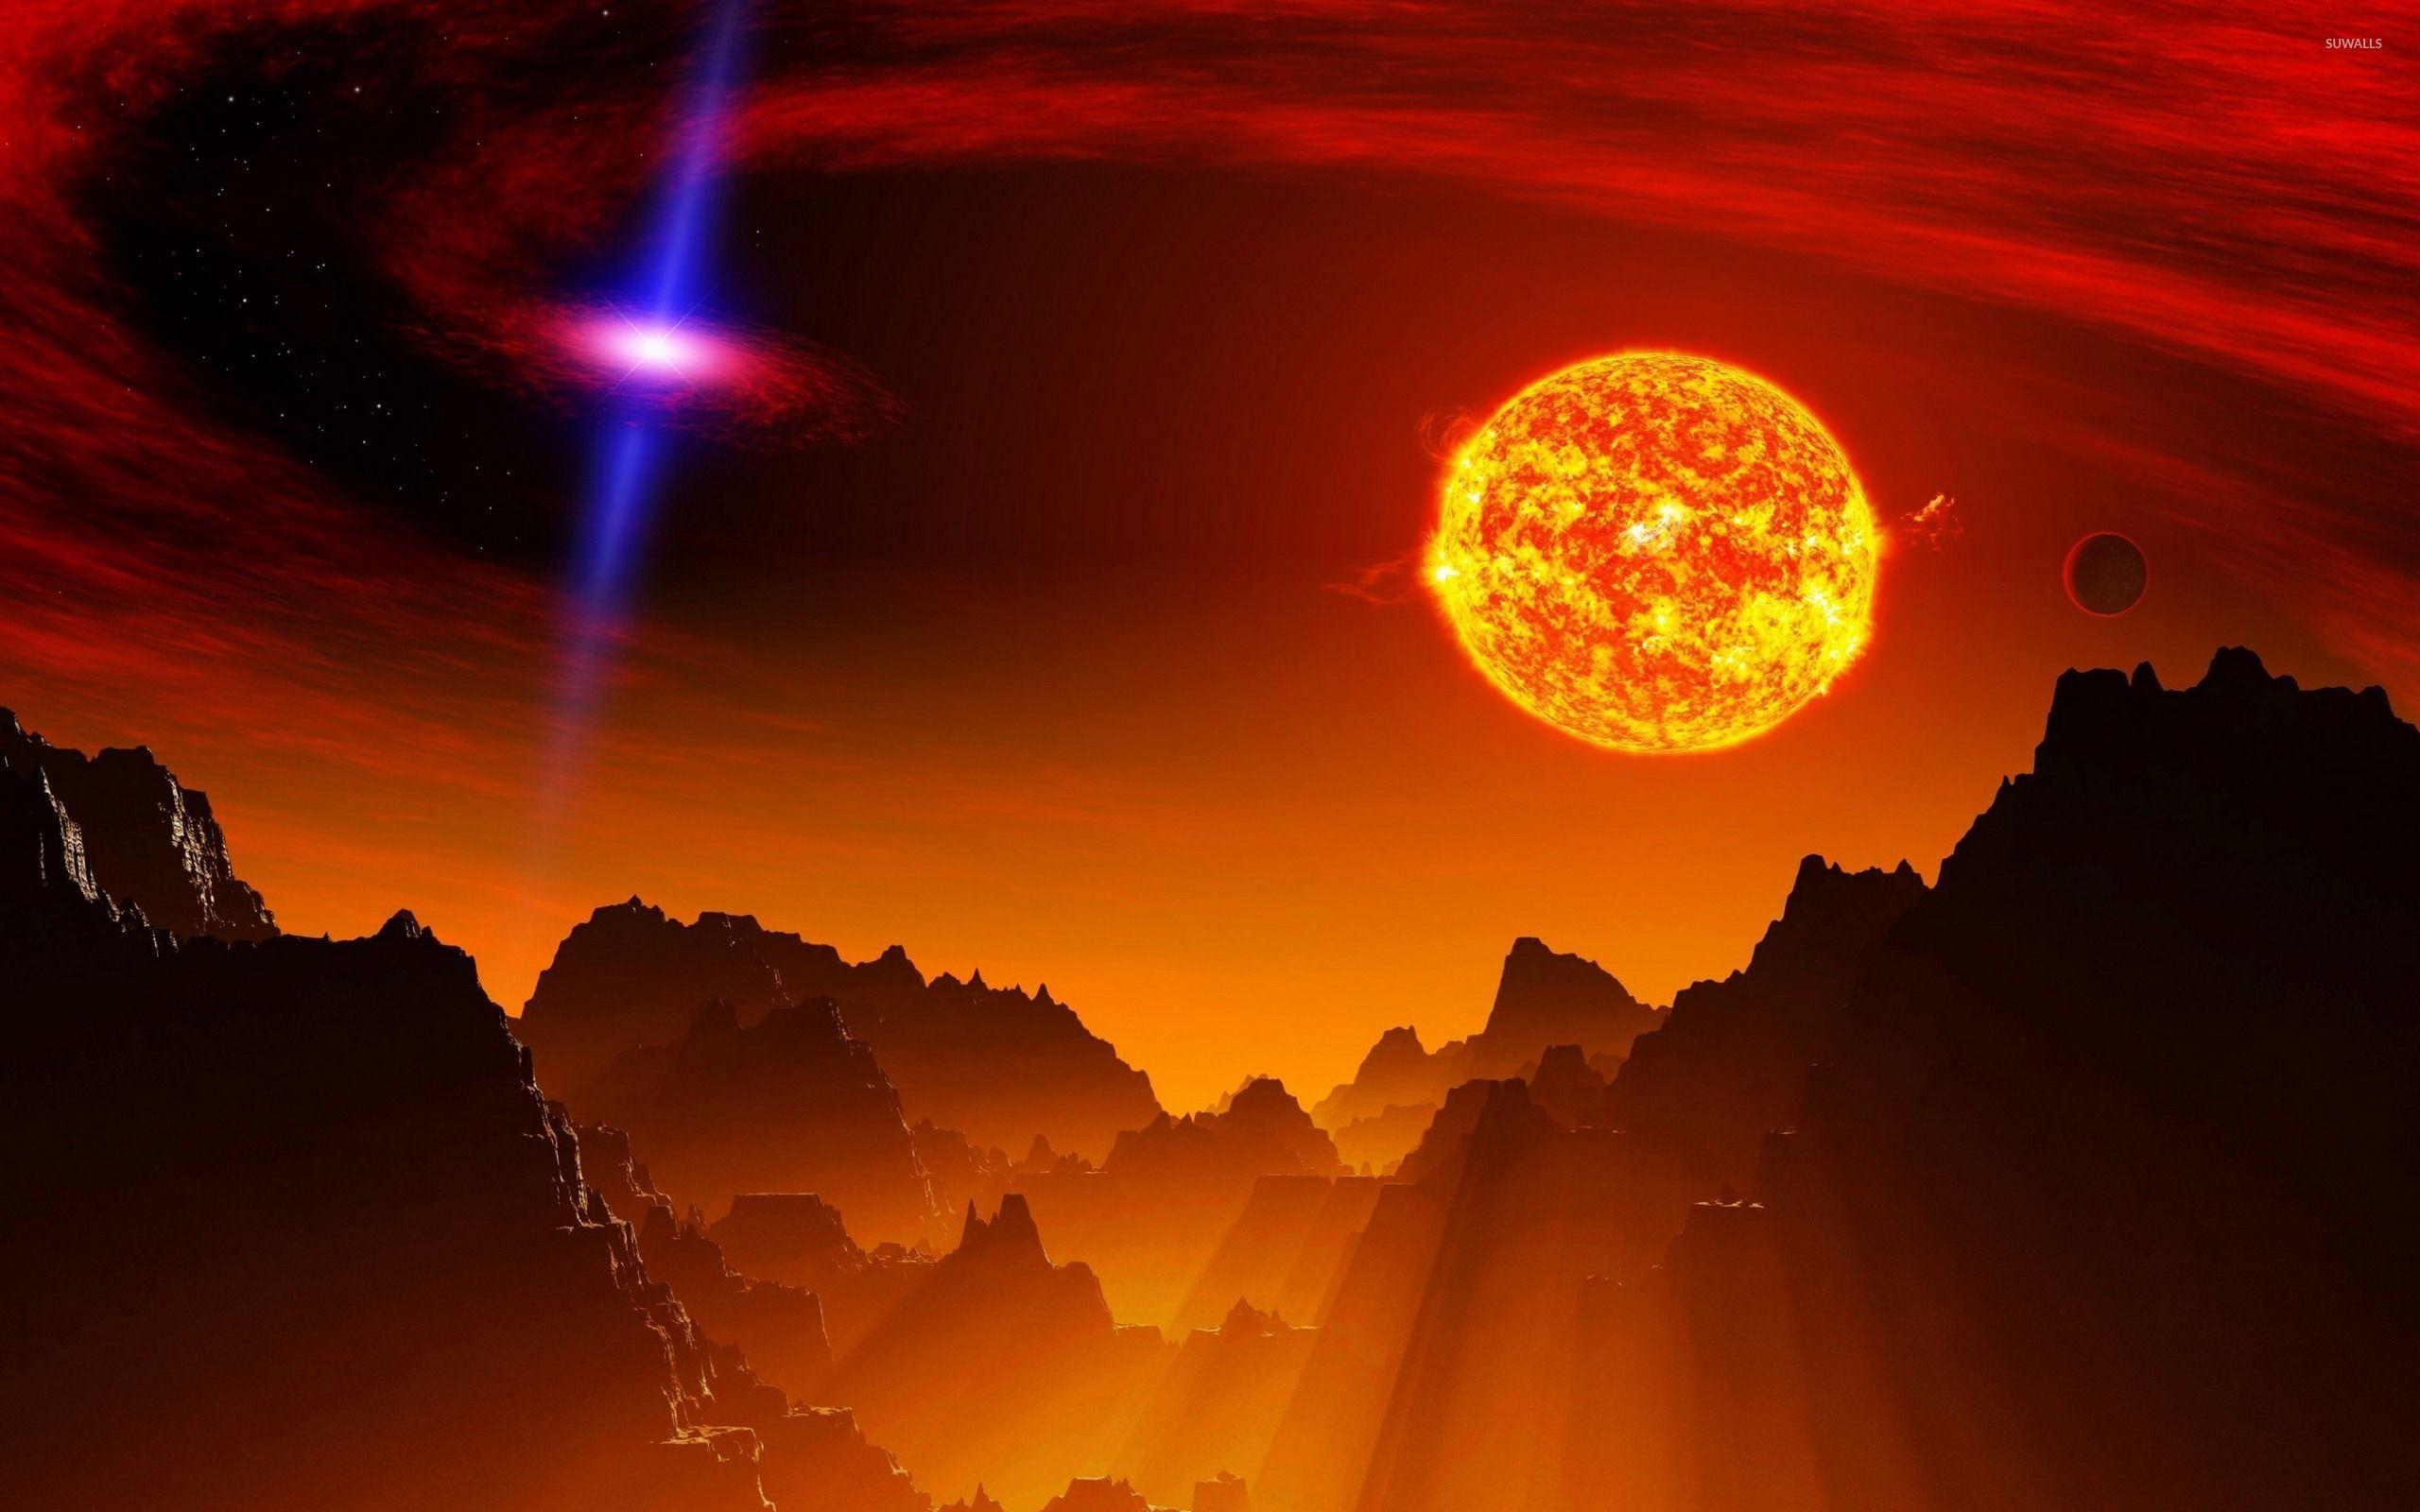 sun-near-quasar-46303-2560x1600.jpg